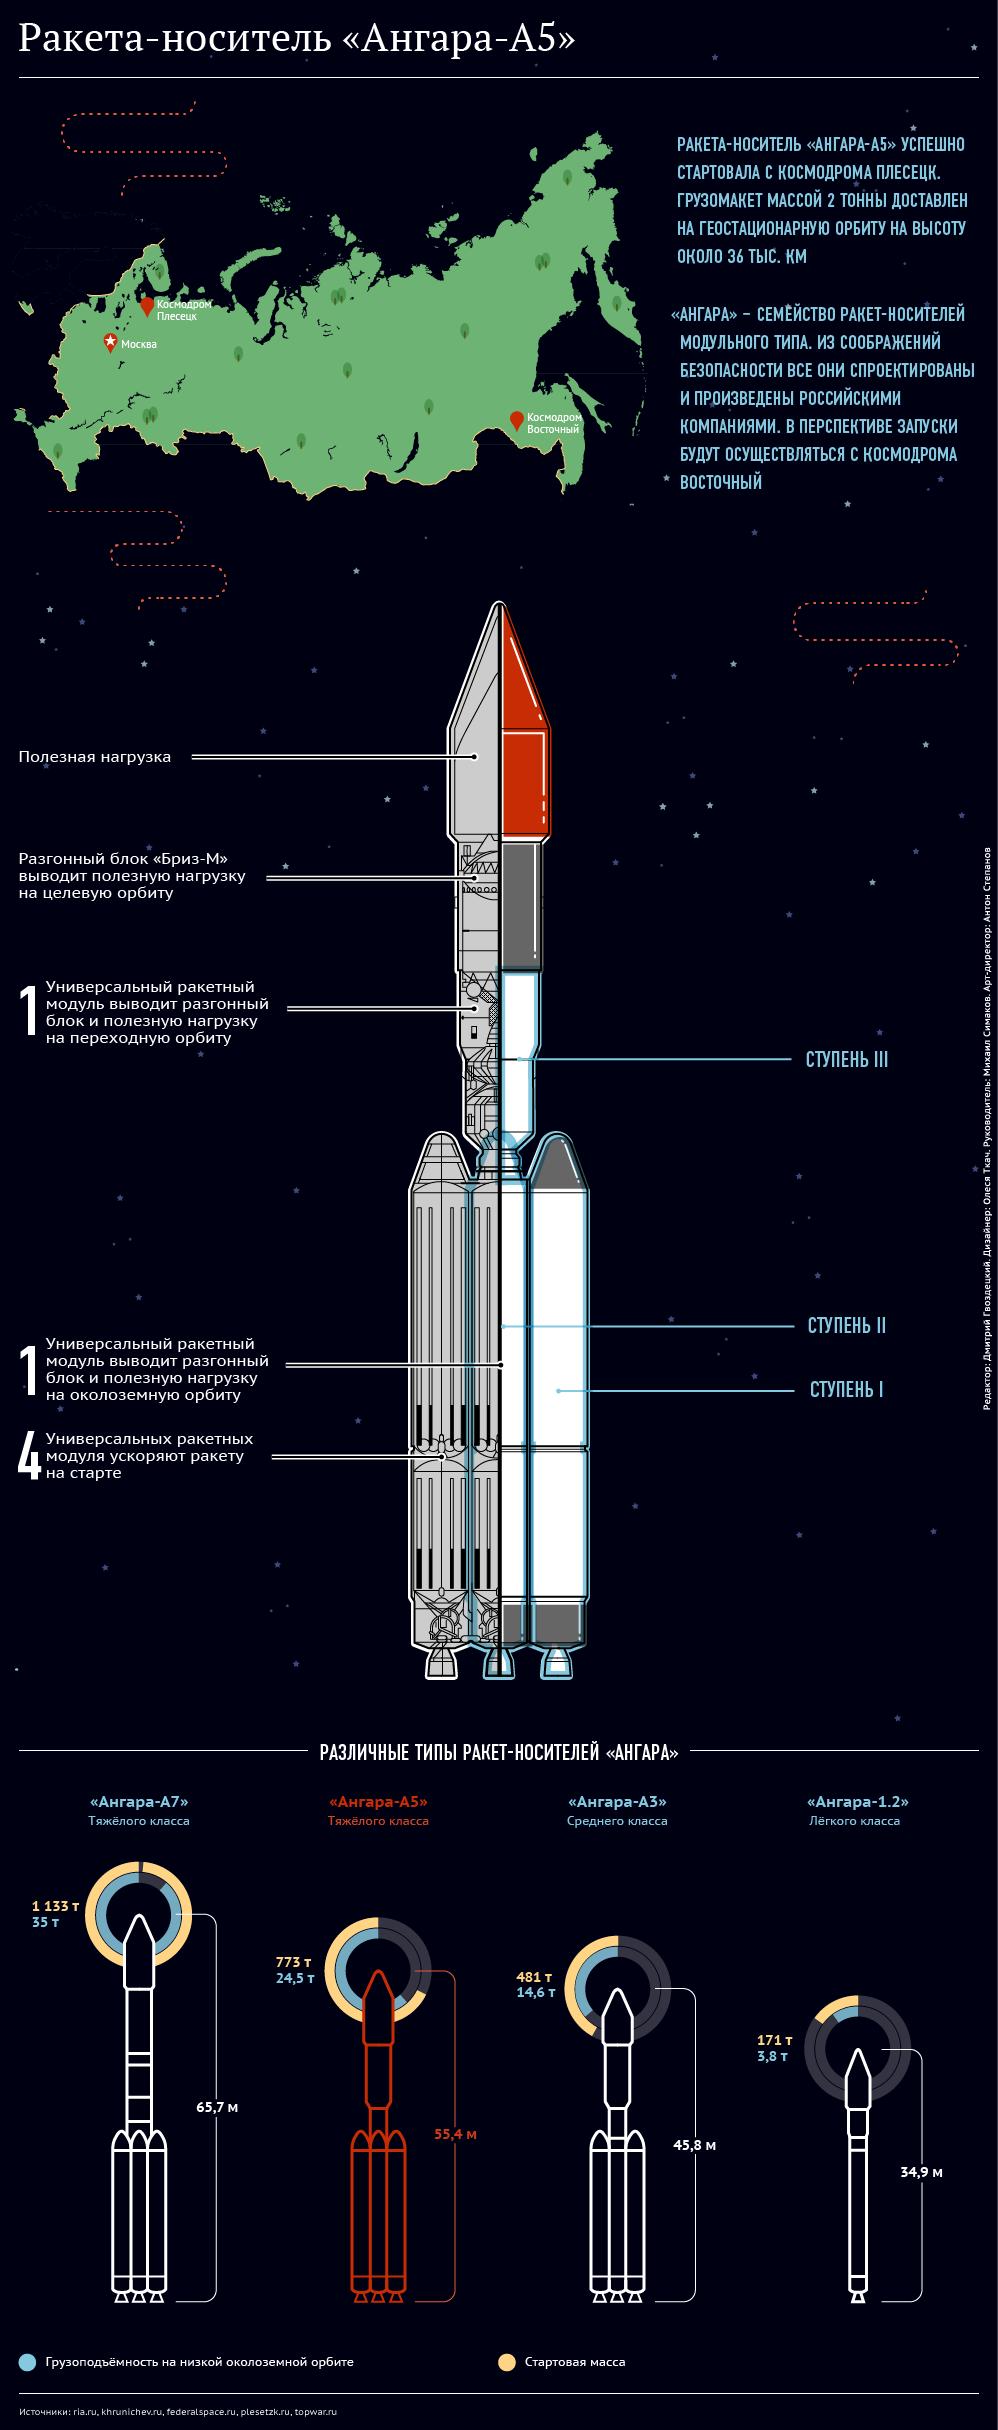 Ракета-носитель Ангара-А5